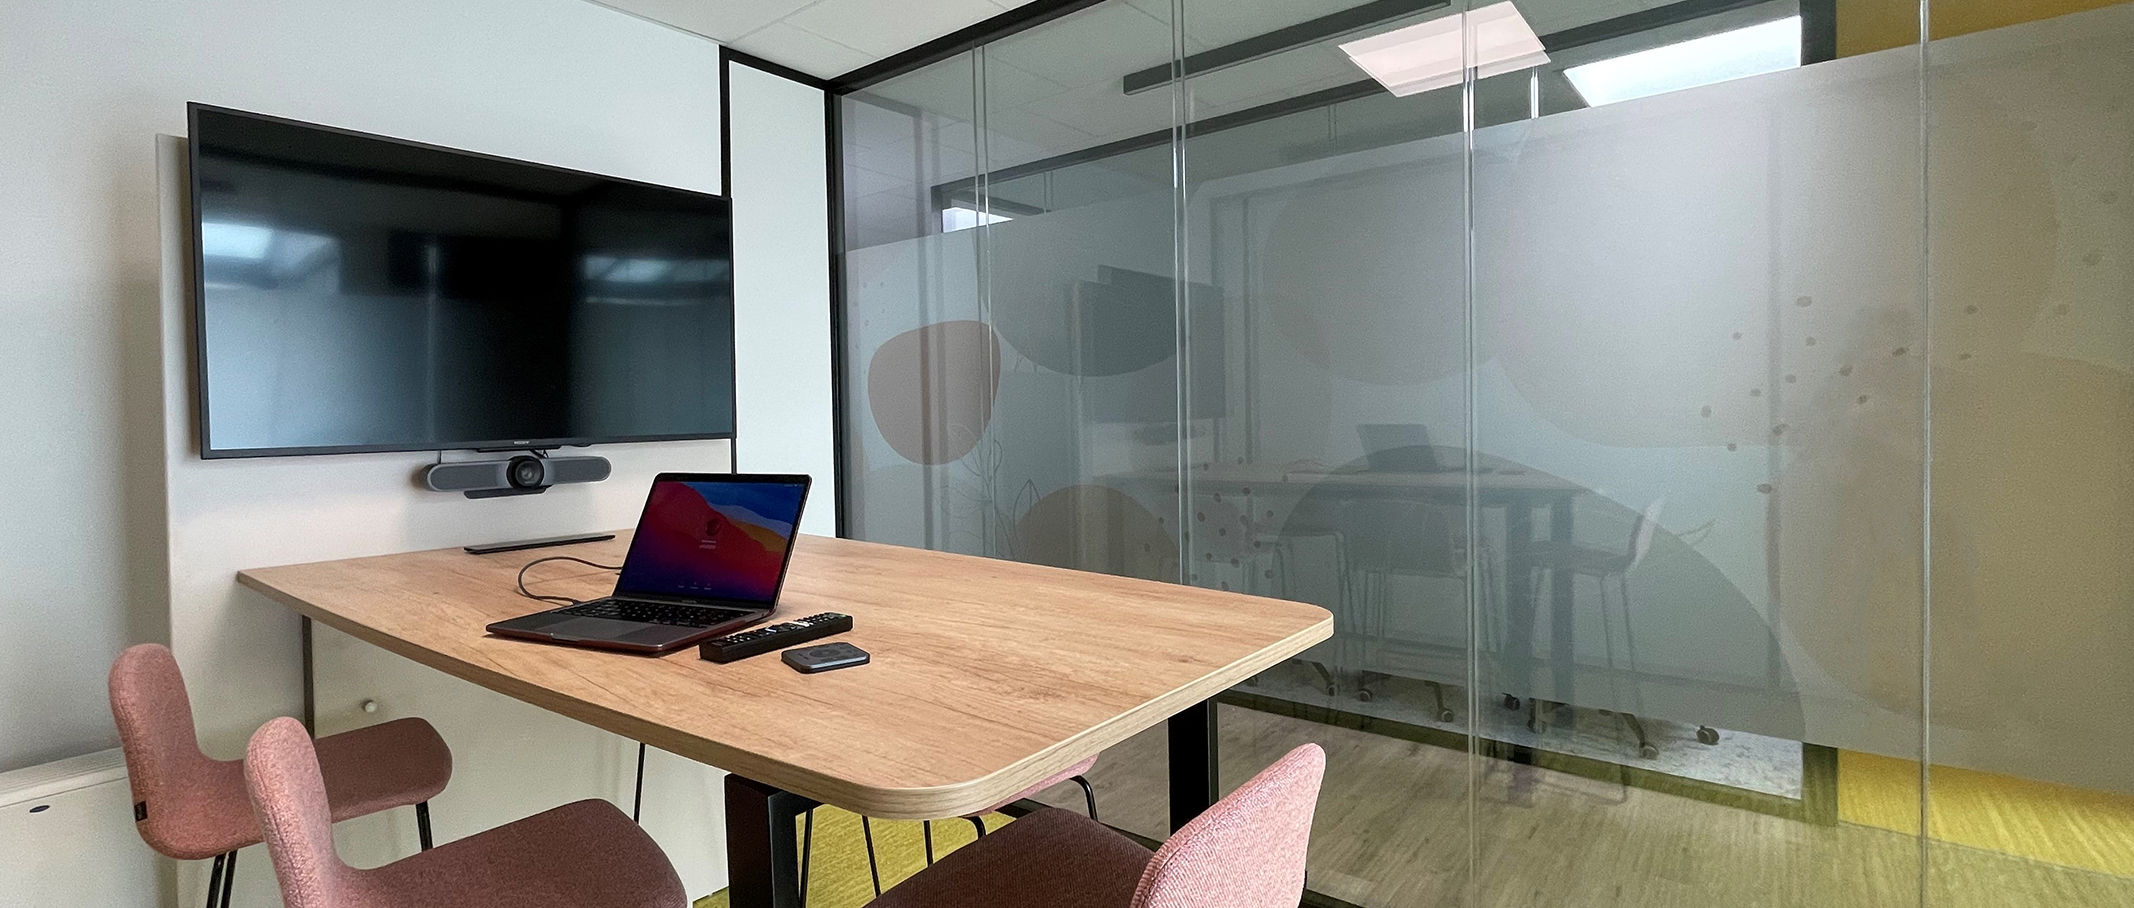 Location d'une salle de réunions à Aix-en-Provence - Salle de réunion visioconférence